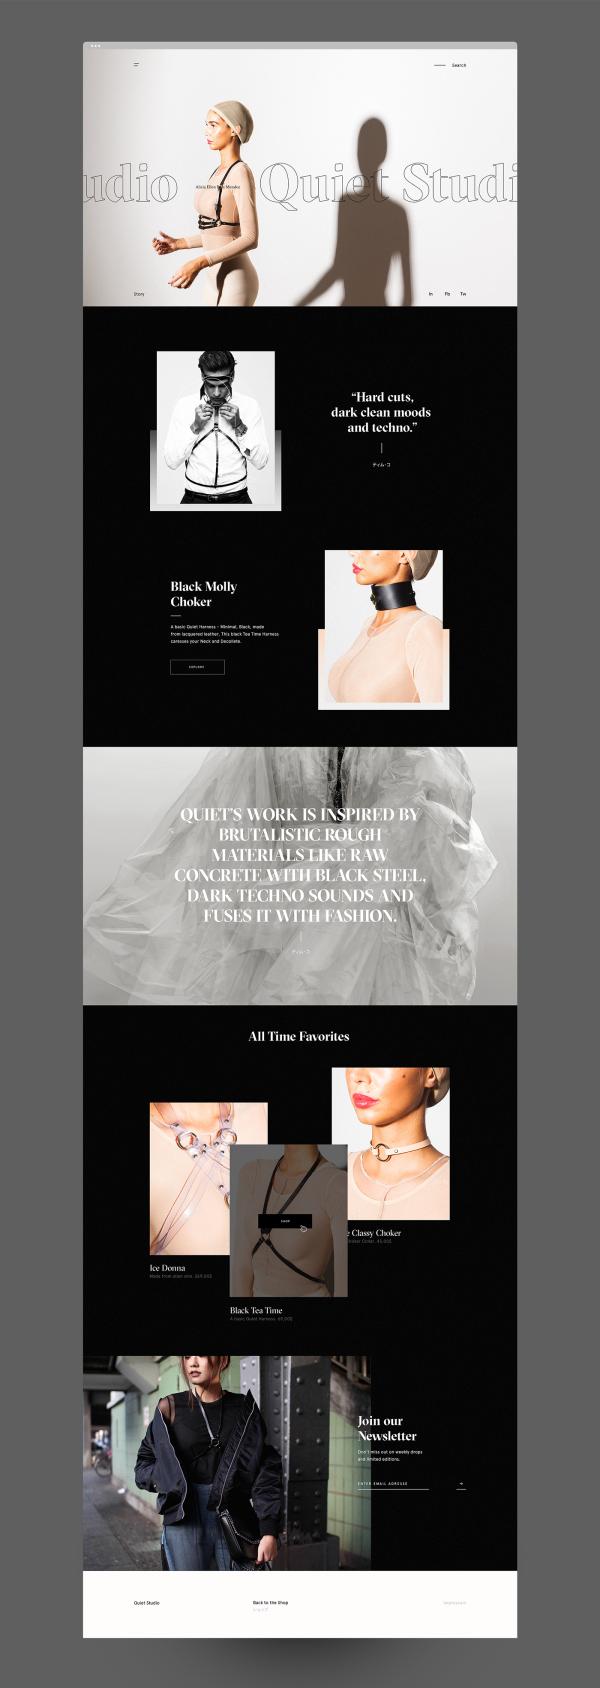 Quiet Studio Digital Branding (6)